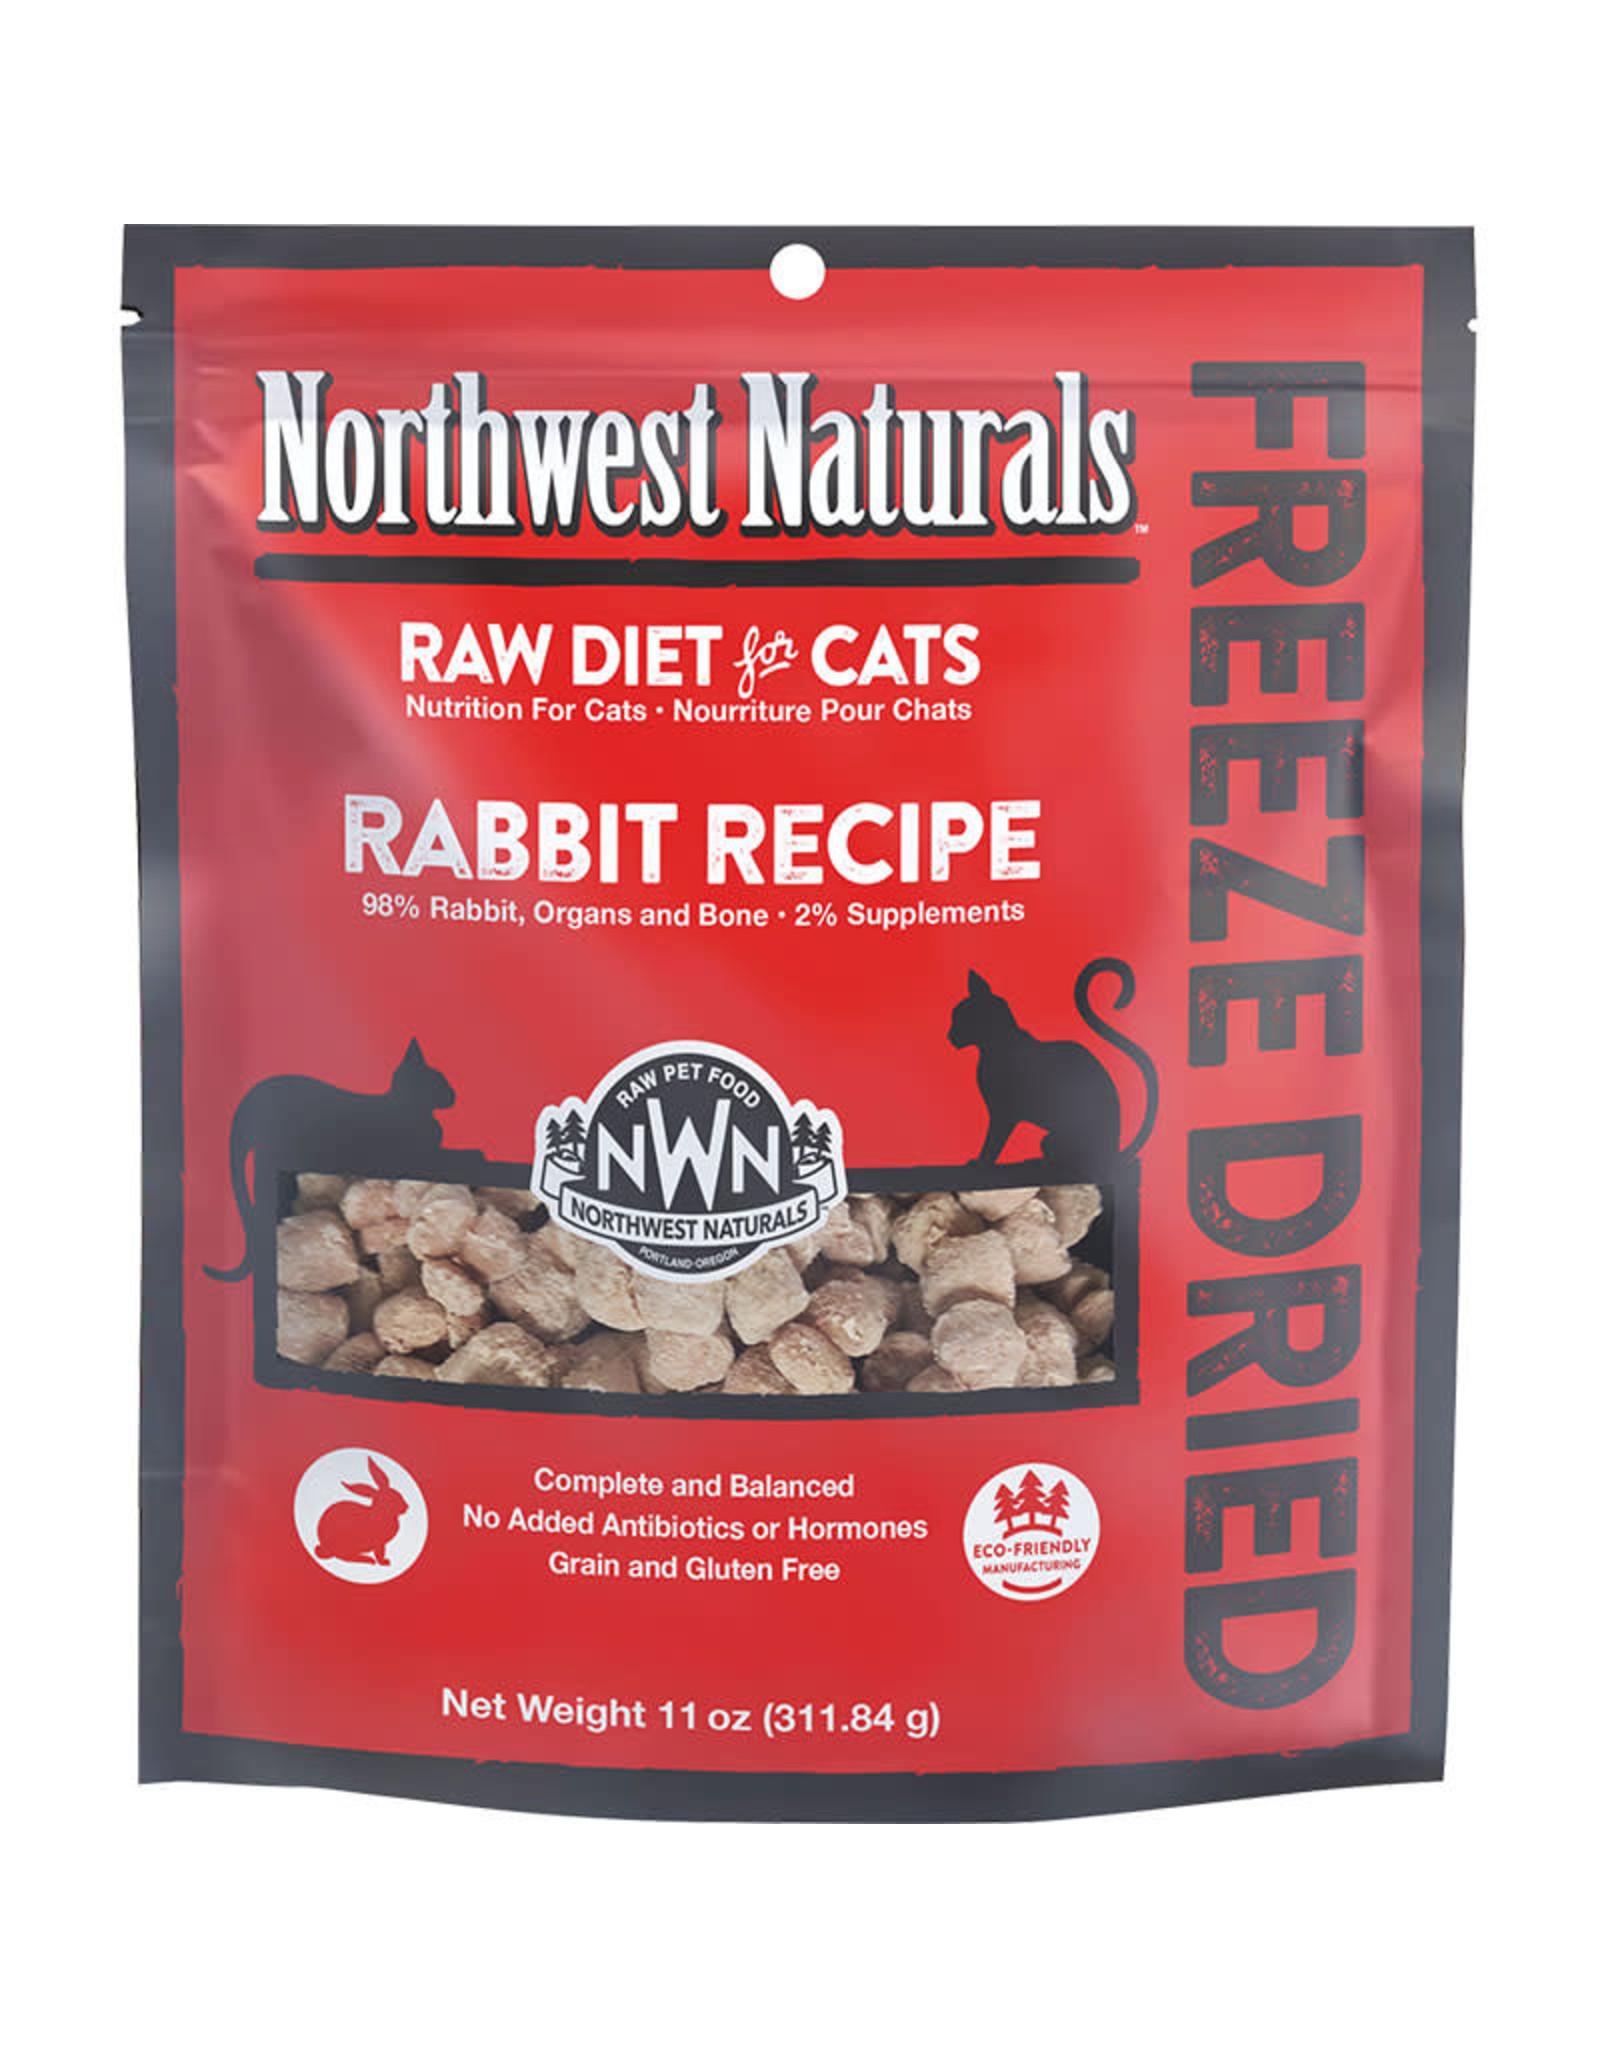 Northwest Naturals Northwest Naturals Raw Diet for Cats Freeze-Dried Rabbit Recipe